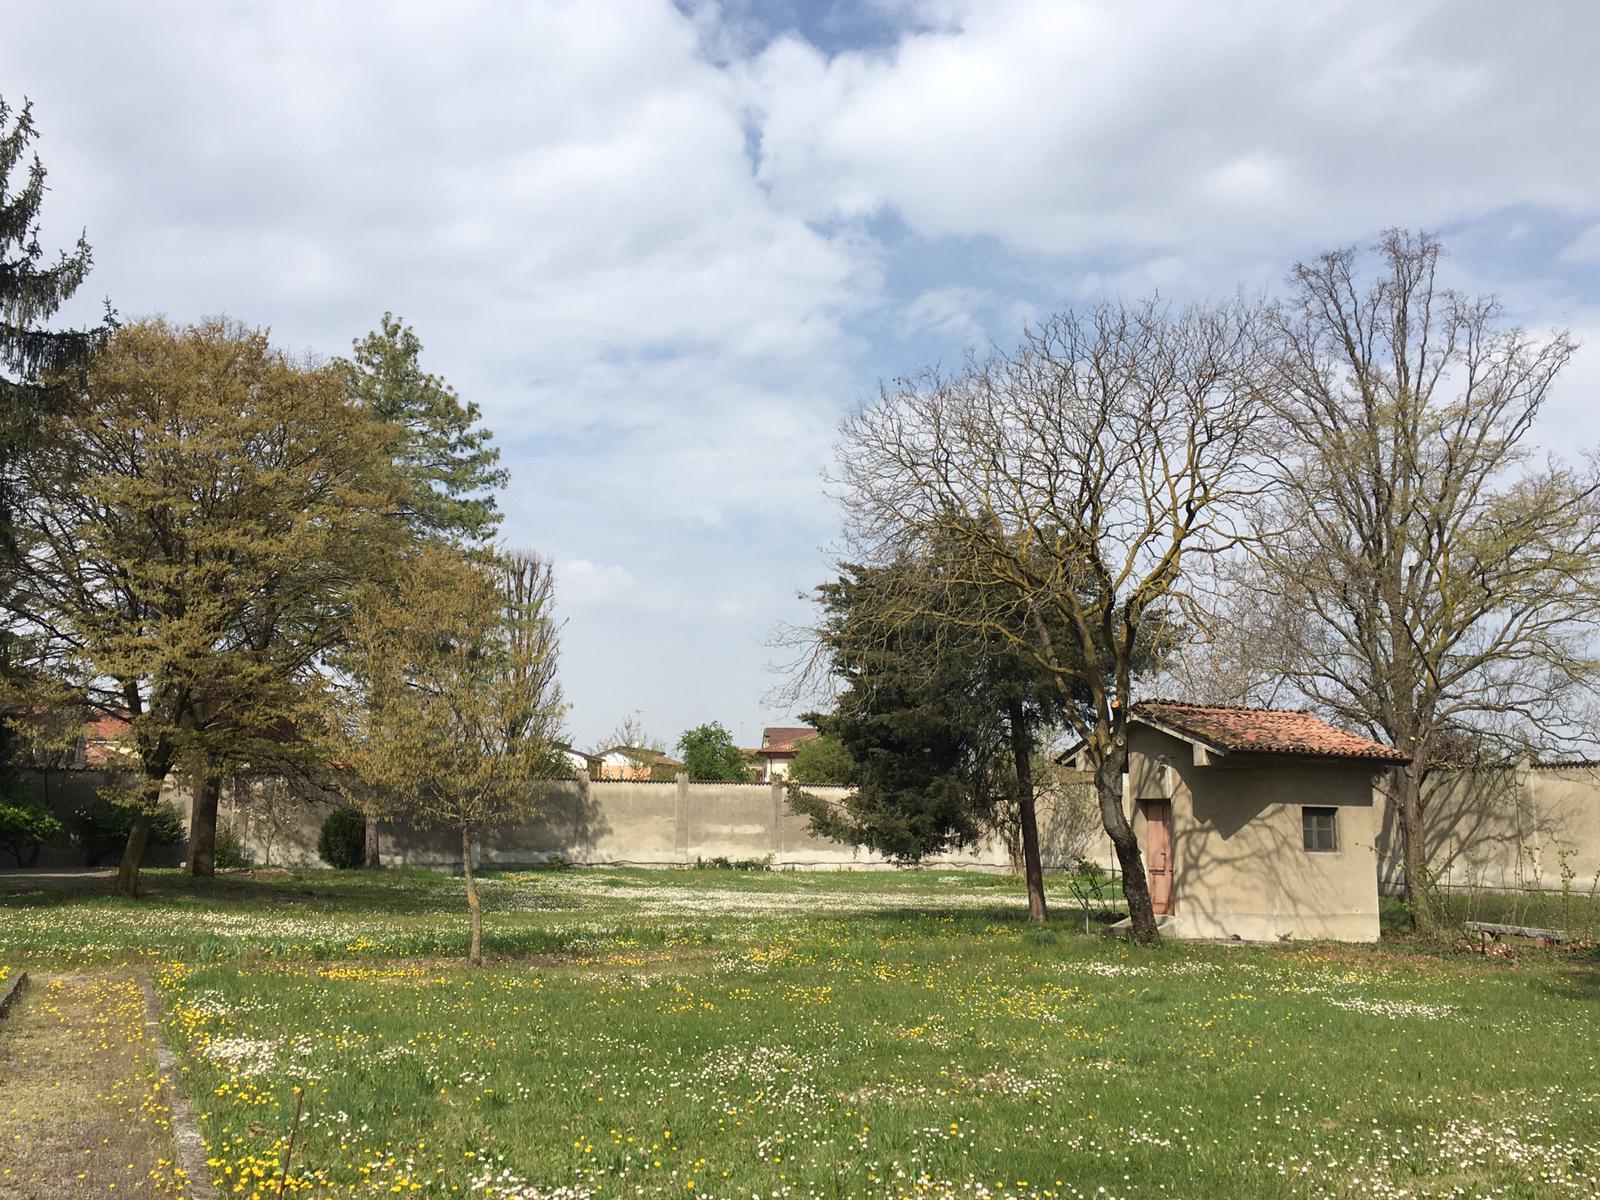 giardino del monastero di Piacenza